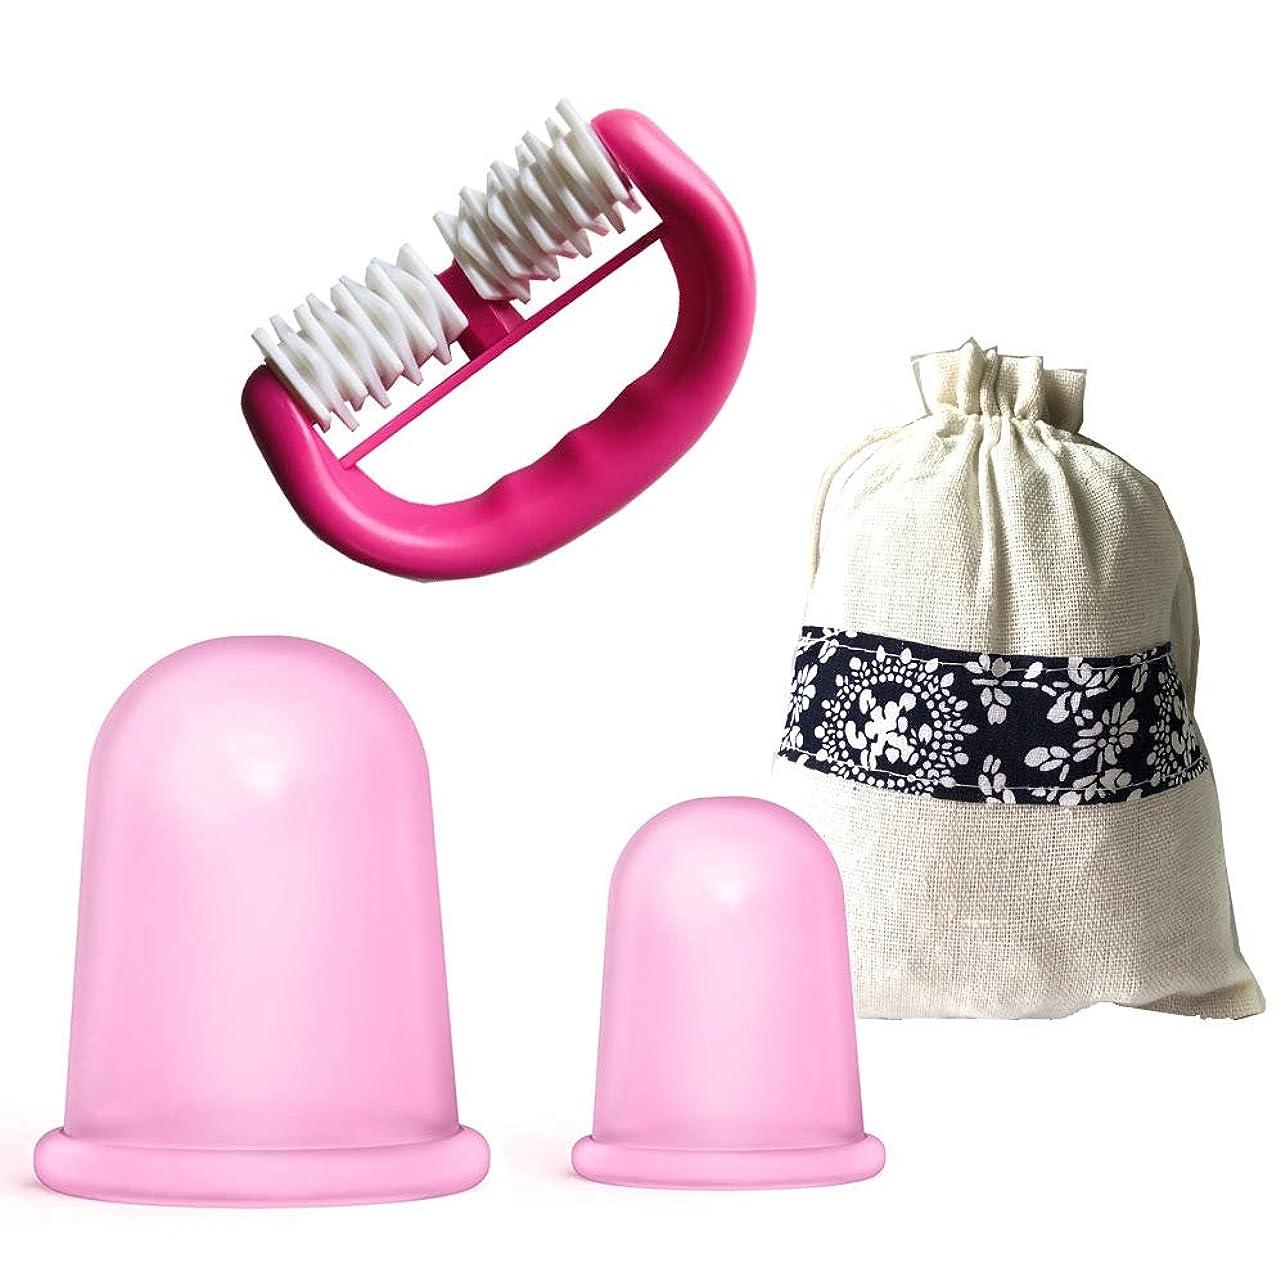 受粉者葡萄土砂降りセルライトカッピングセラピーセットシリコンカッピングマッサージカップモイスチャーガシャ+ローラーマッサージャー付きギフトバッグ,Pink